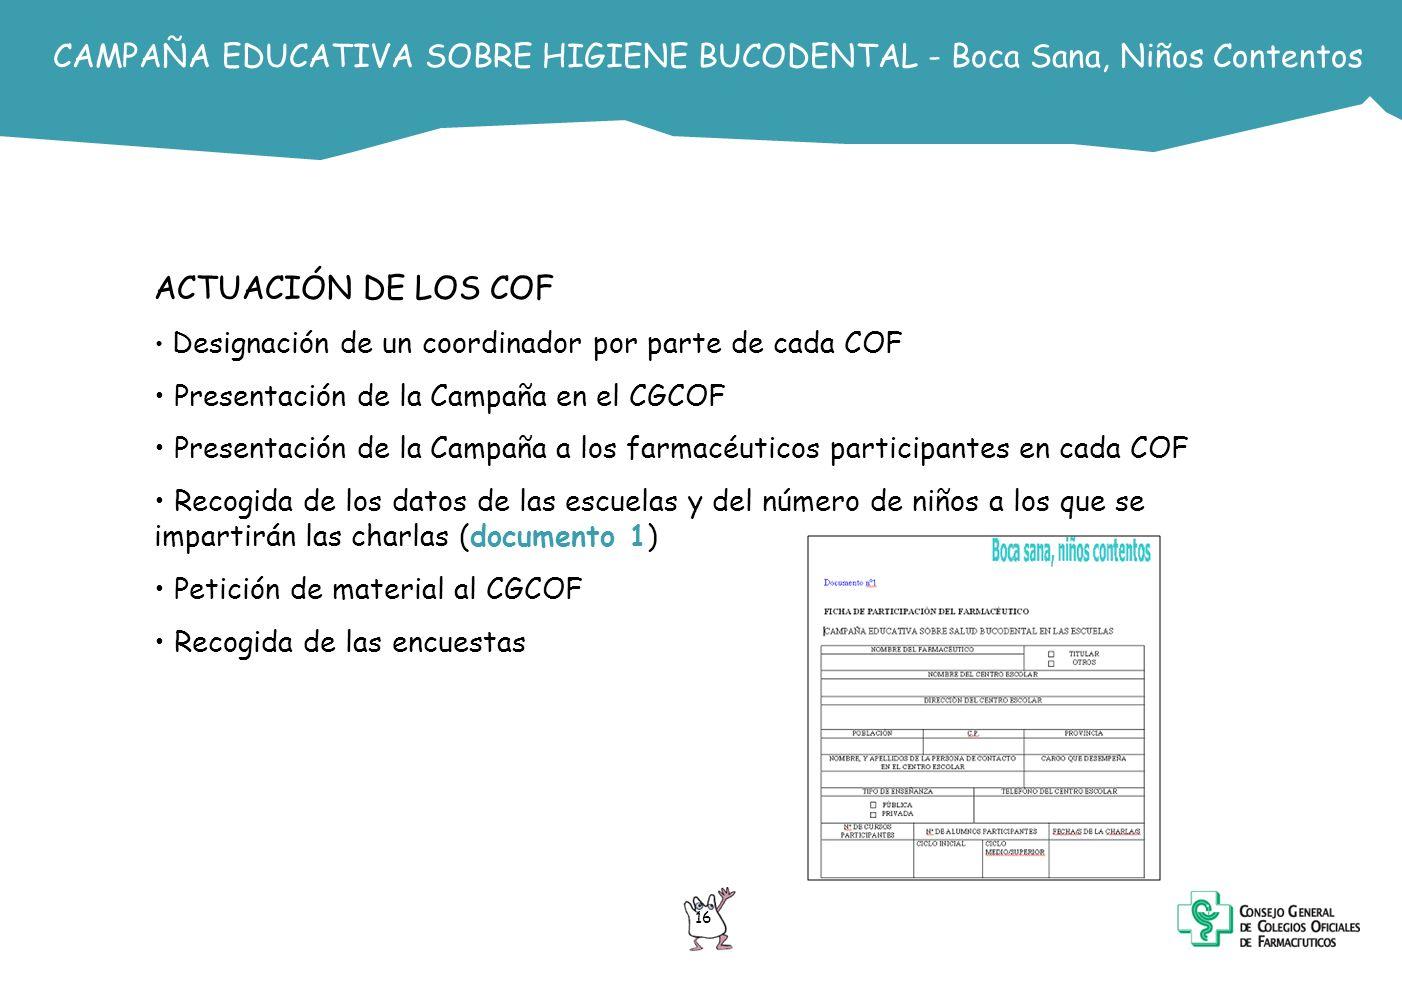 CAMPAÑA EDUCATIVA SOBRE HIGIENE BUCODENTAL - Boca Sana, Niños Contentos ACTUACIÓN DE LOS COF Designación de un coordinador por parte de cada COF Prese